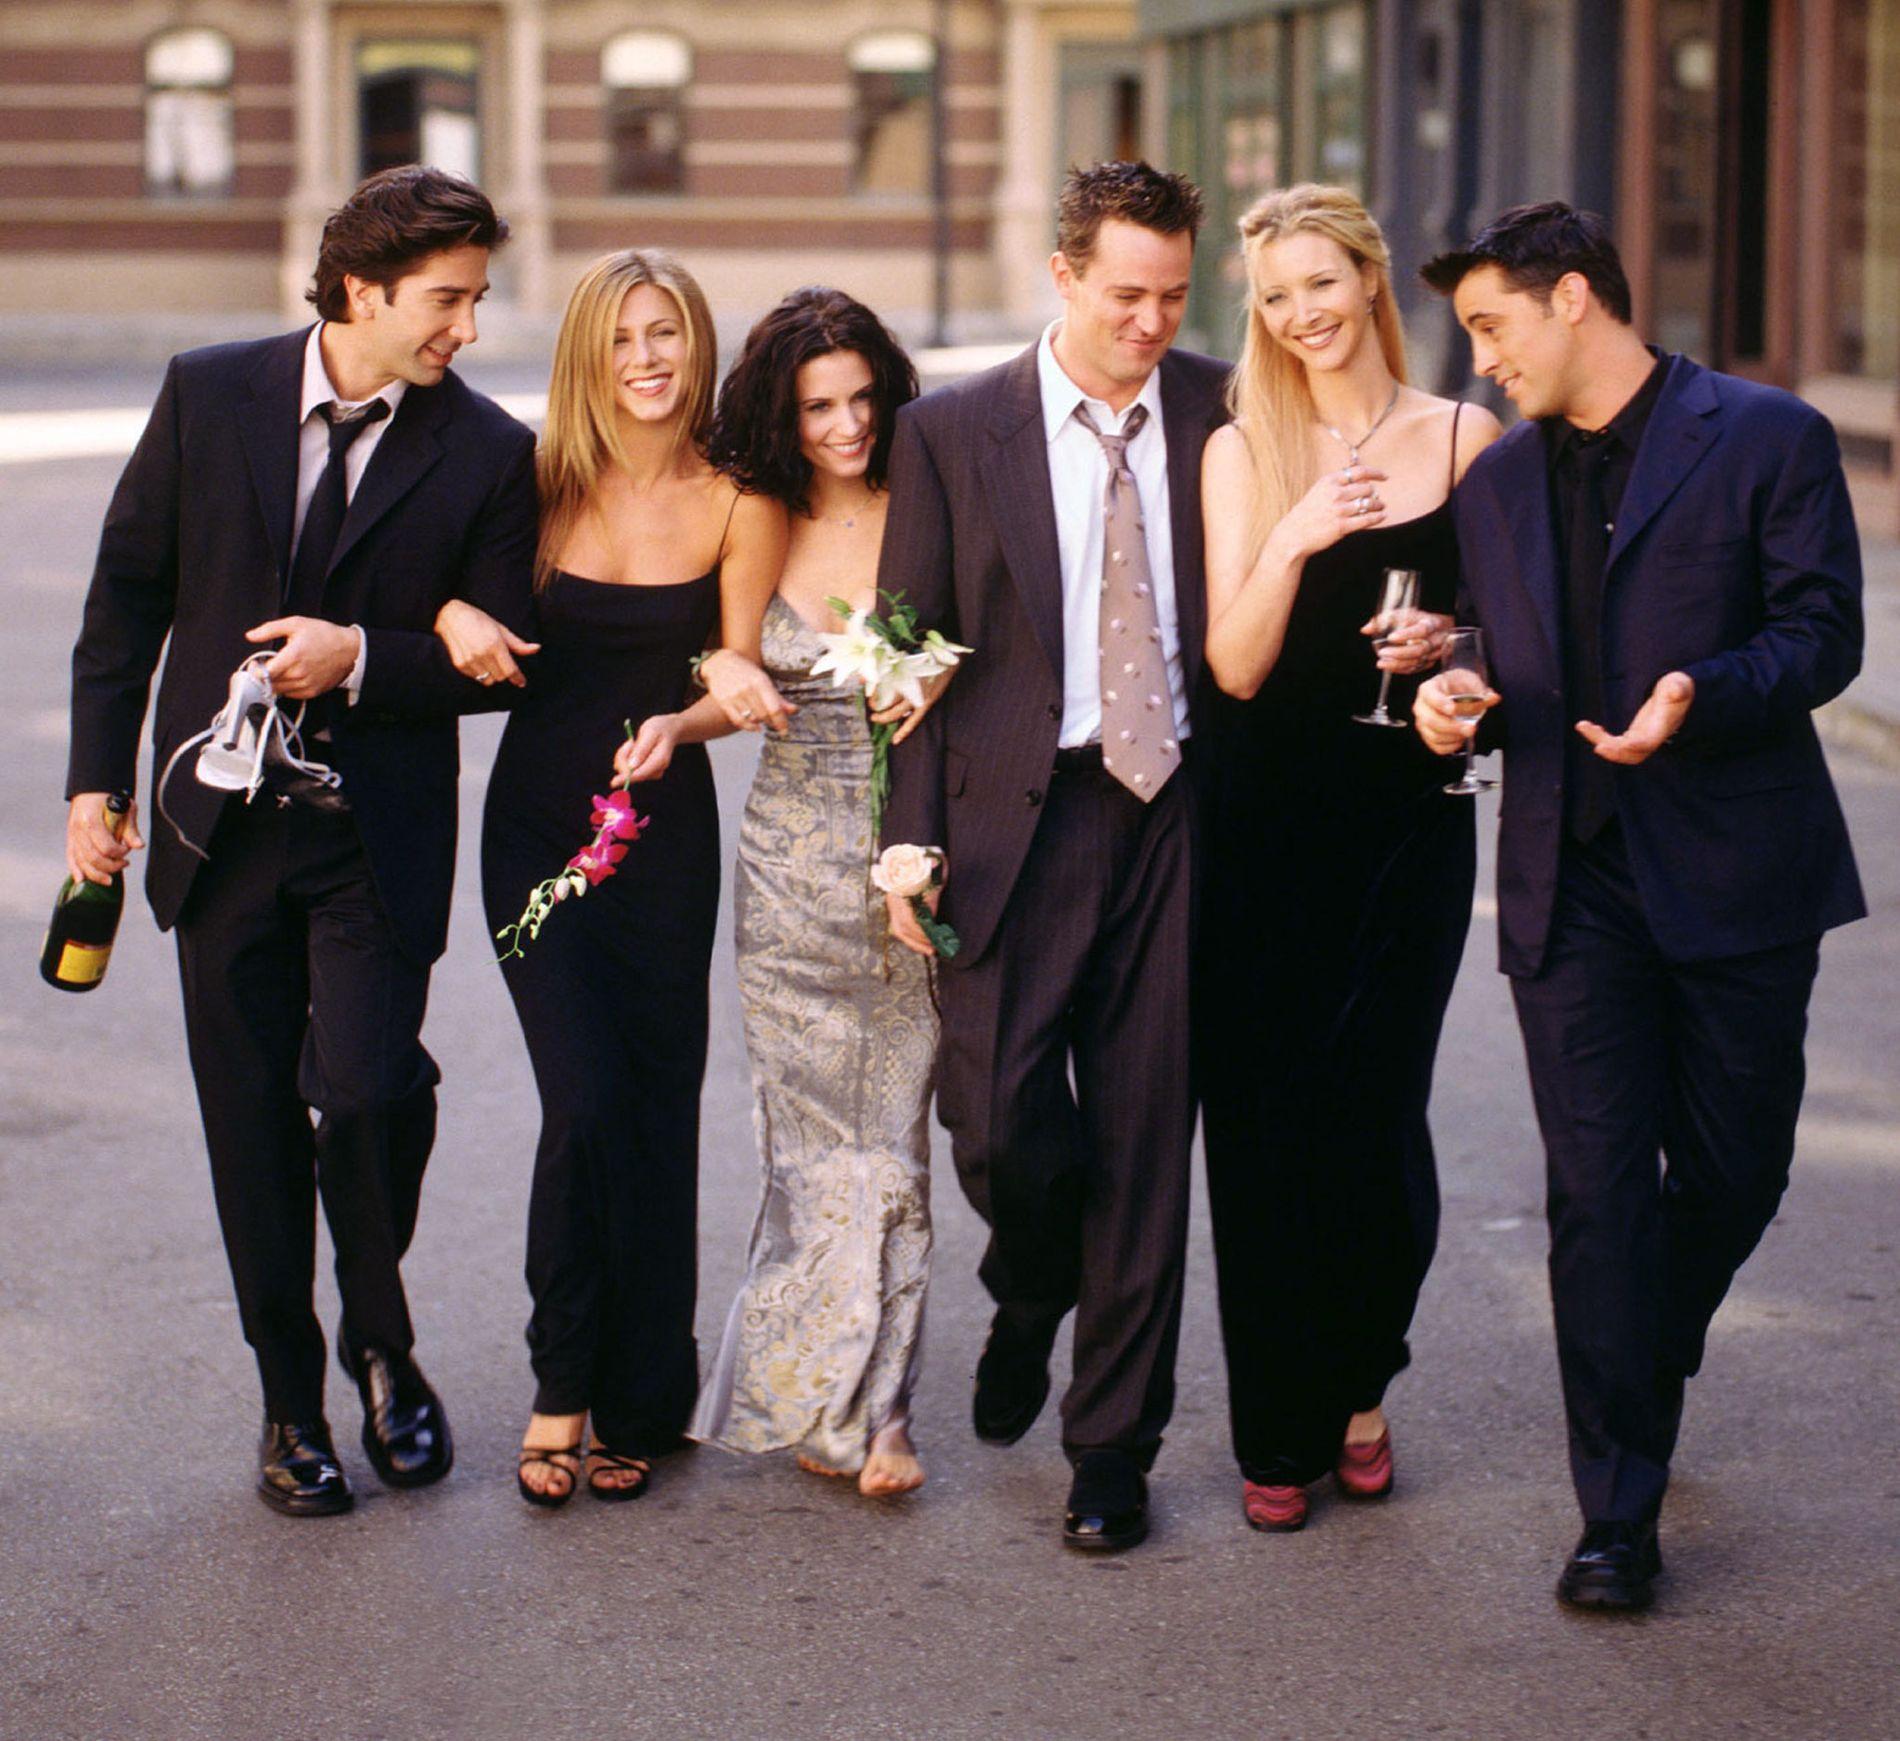 KLASSIKER: «Venner for livet», f.v.: David Schwimmer, Jennifer Aniston, Courteney Cox, Matthew Perry, Lisa Kudrow og Matt LeBlanc